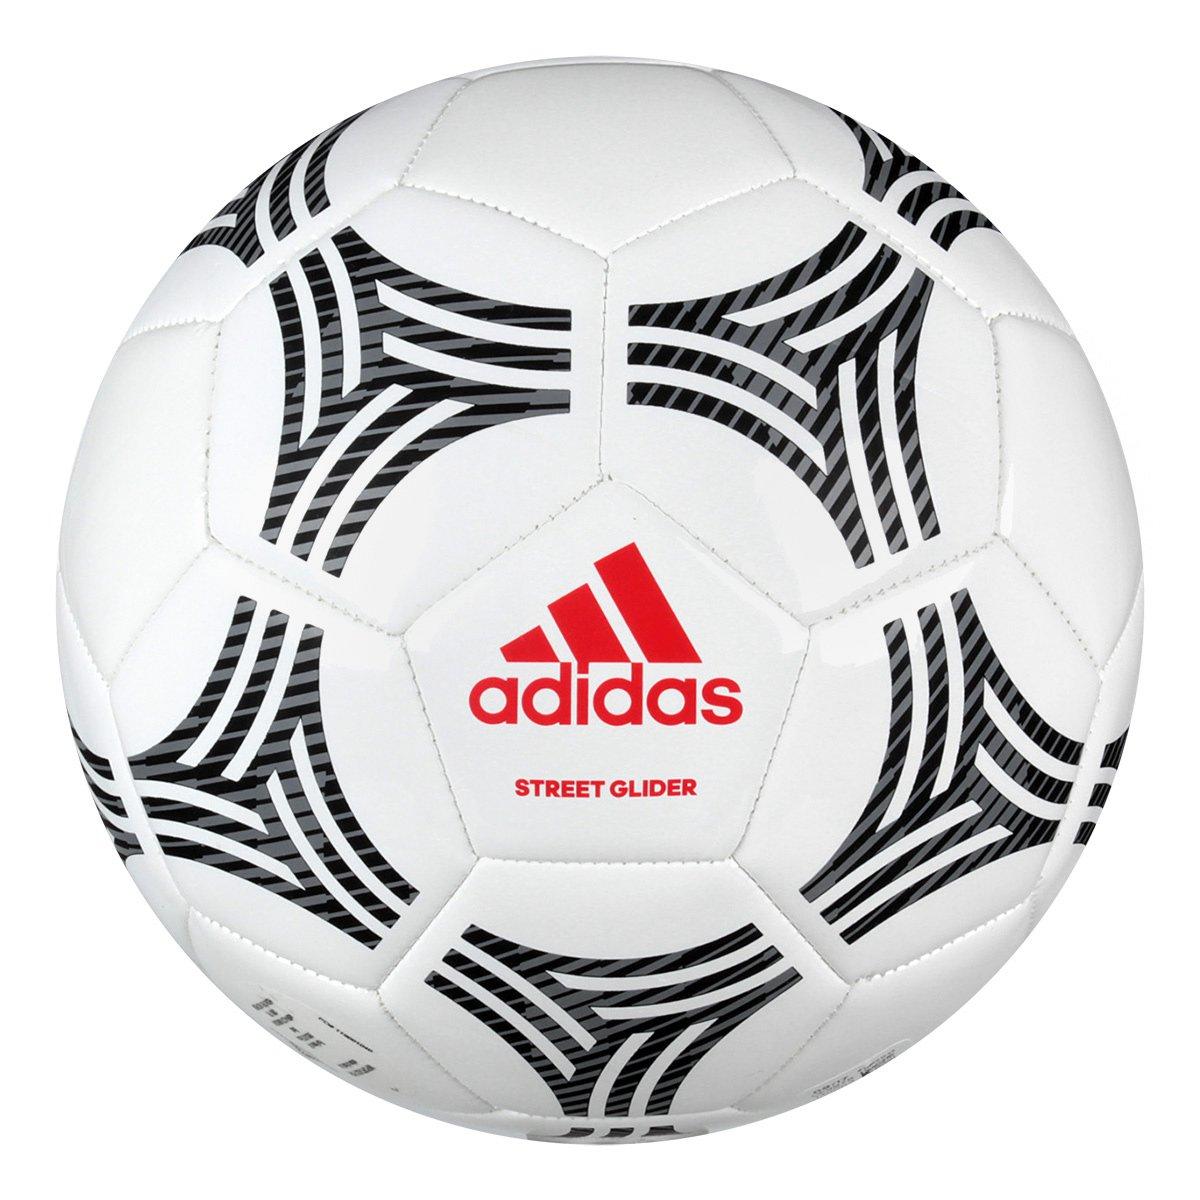 9f8f3c6f0c Bola Futsal Adidas Tango Street Glider - Compre Agora